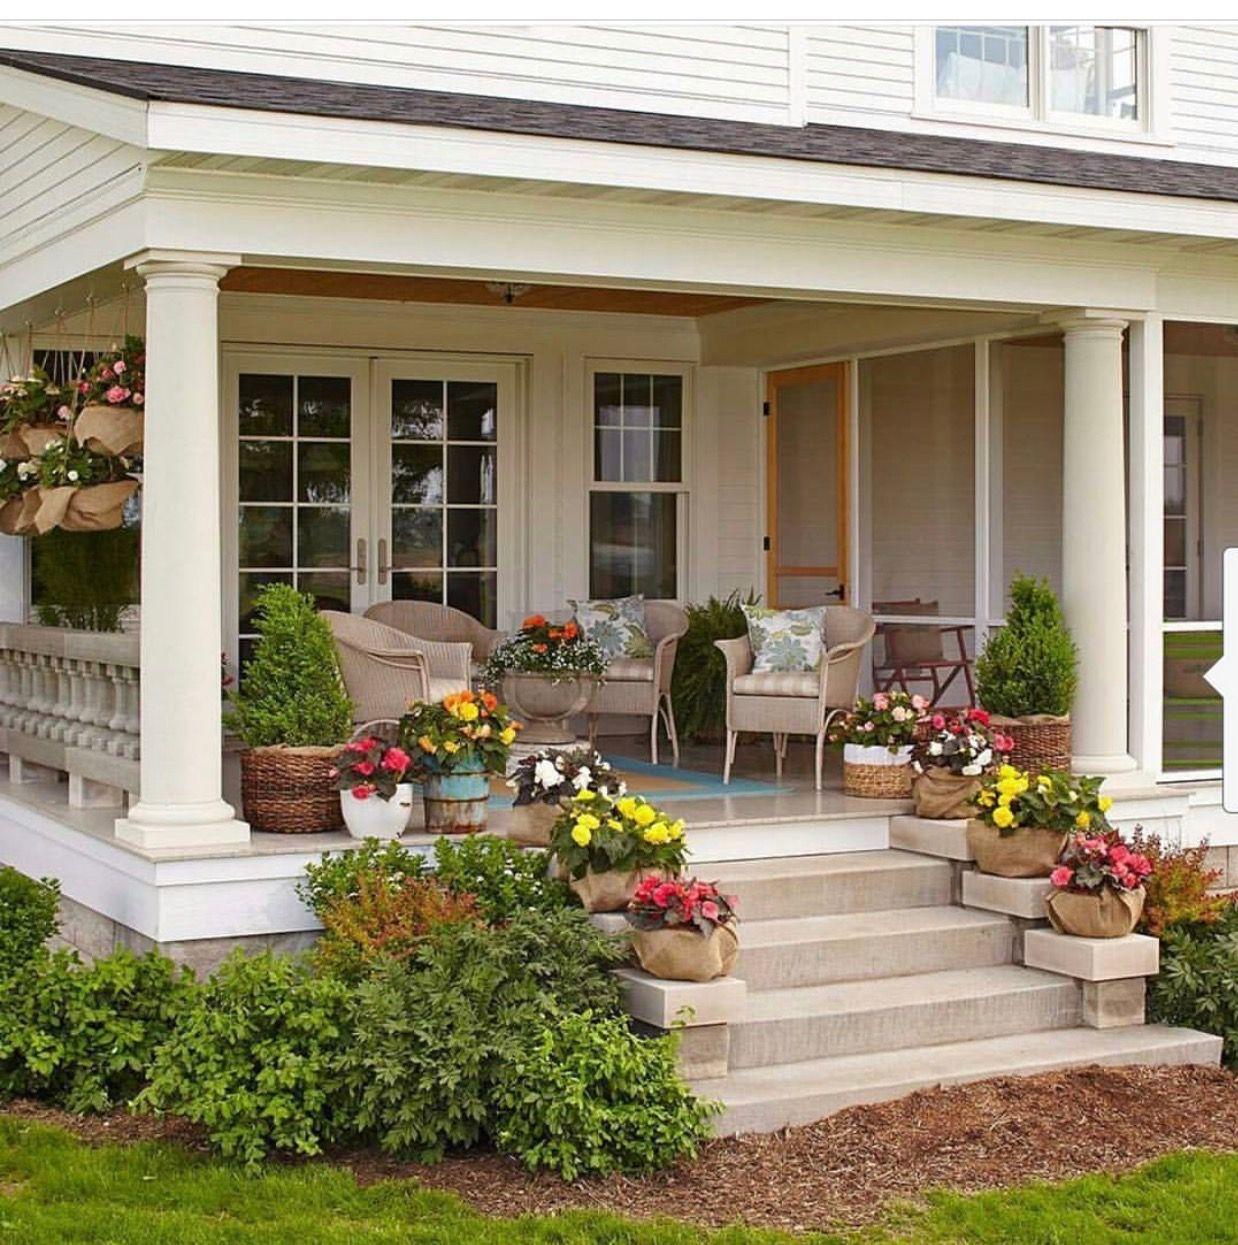 Pin de ana ris en decor jardins varandas e churrasqueiras - Porches de casas de campo ...